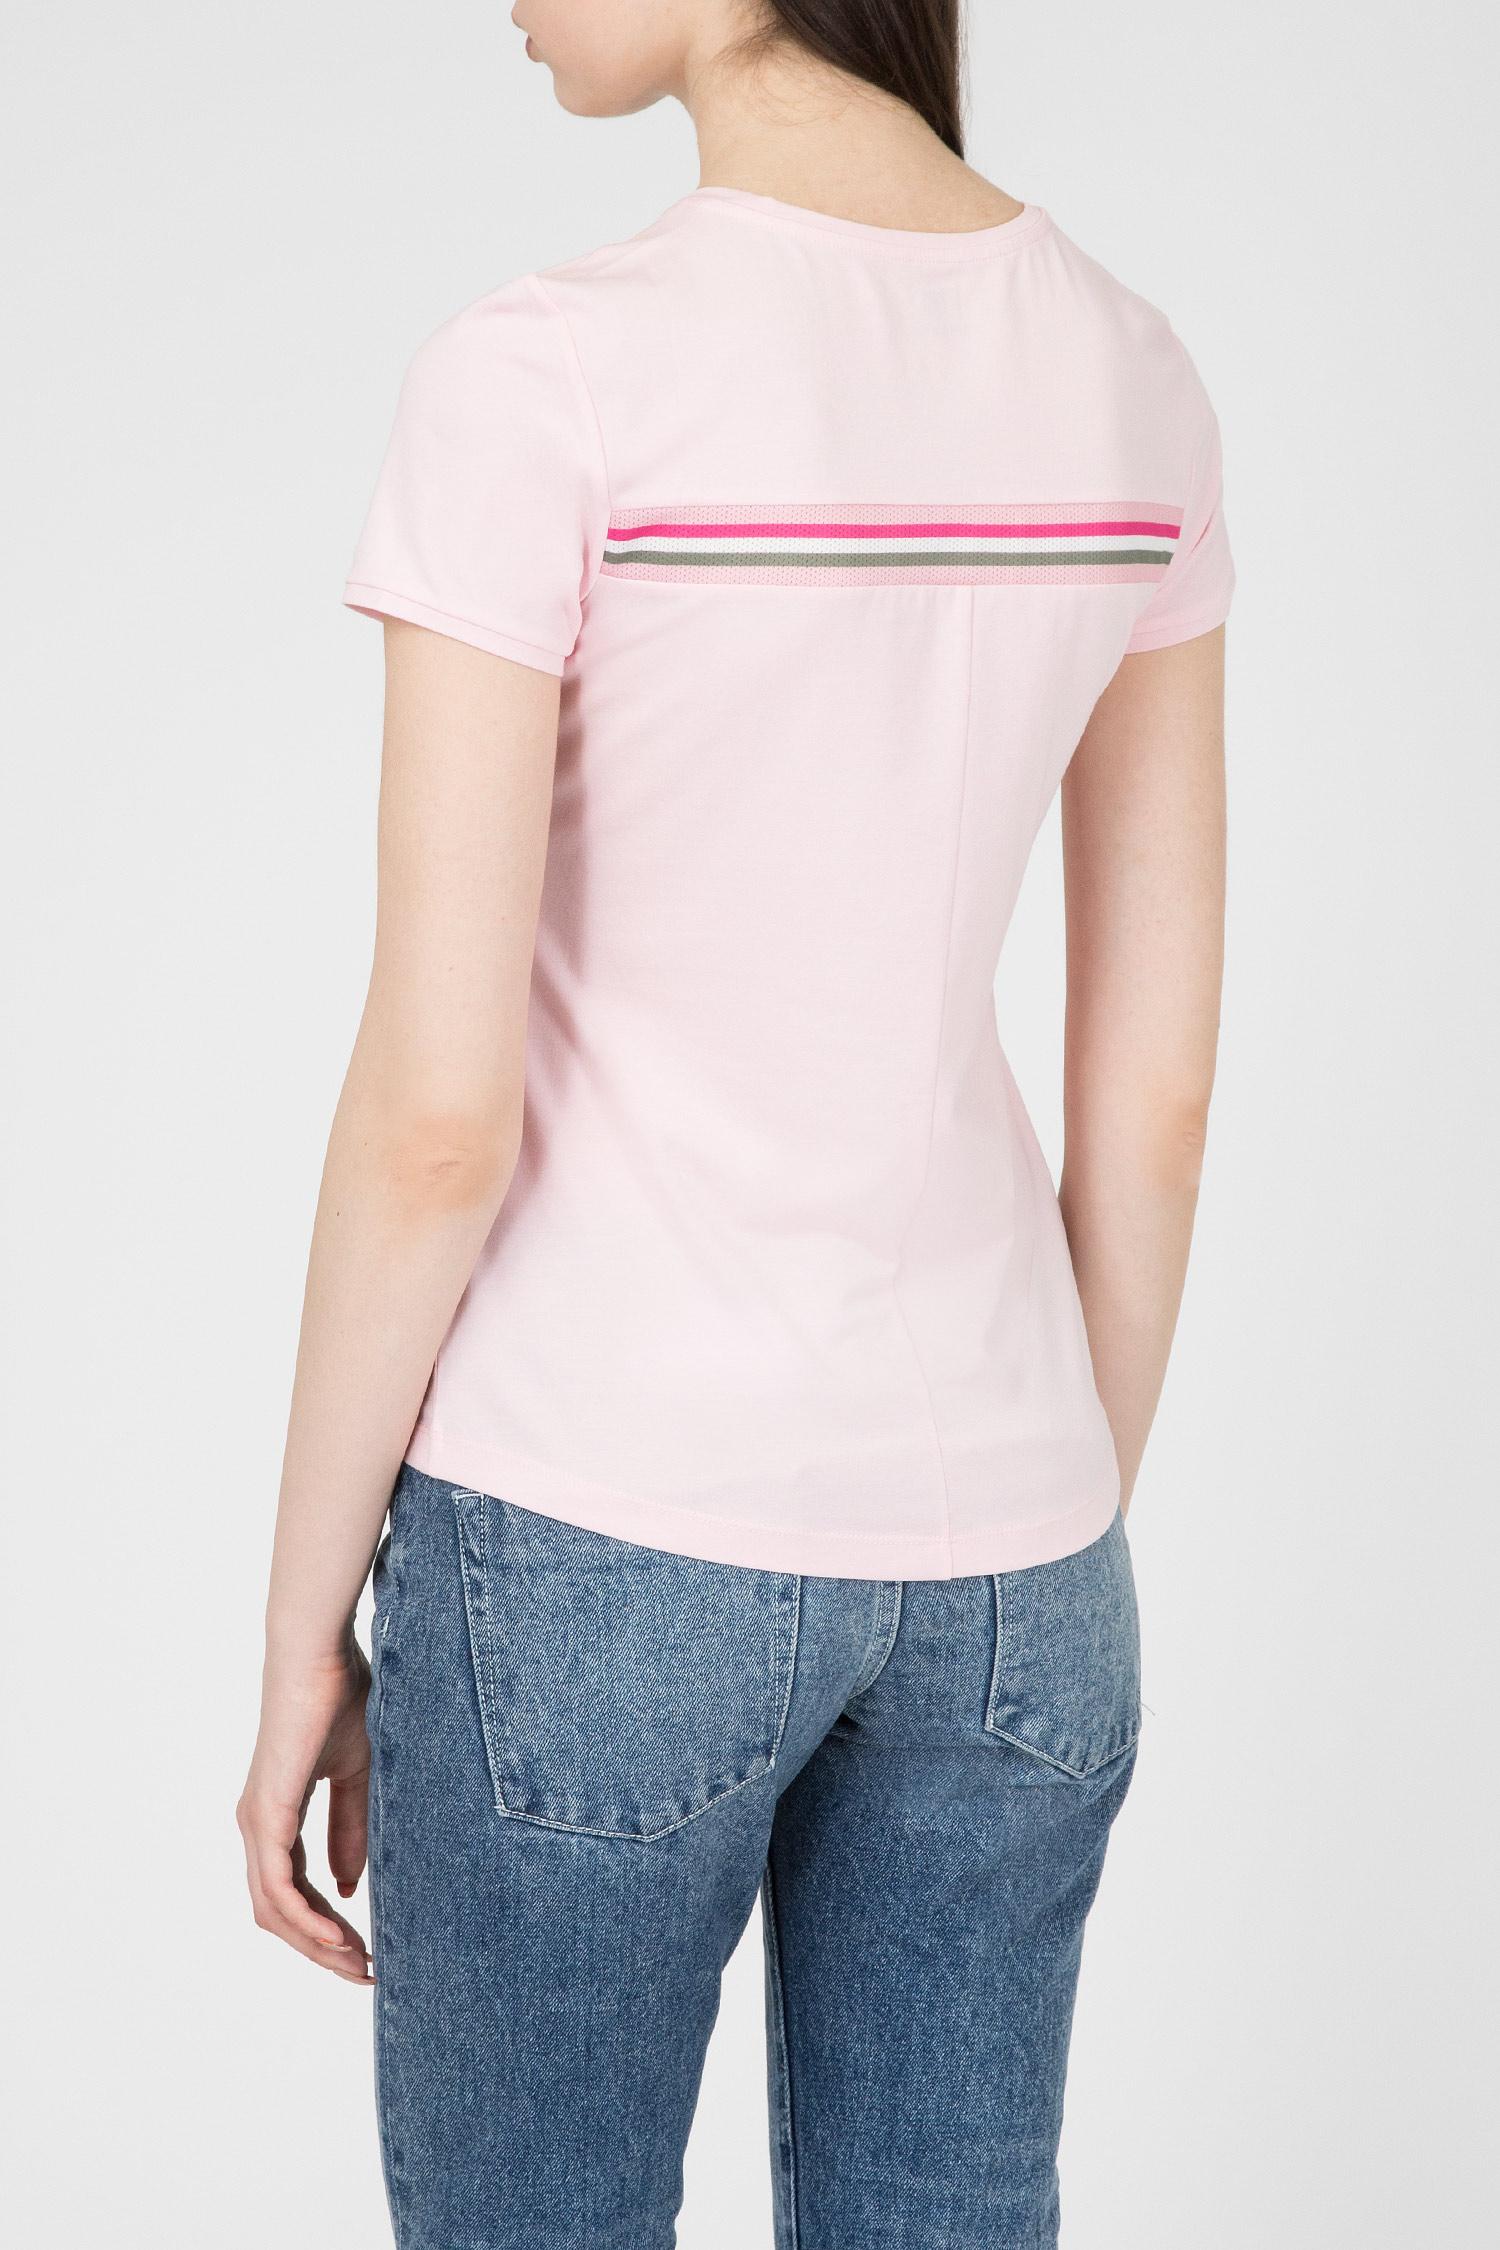 Купить Женская розовая футболка Bogner (F+I) Bogner (F+I) 5494-2215-602 – Киев, Украина. Цены в интернет магазине MD Fashion